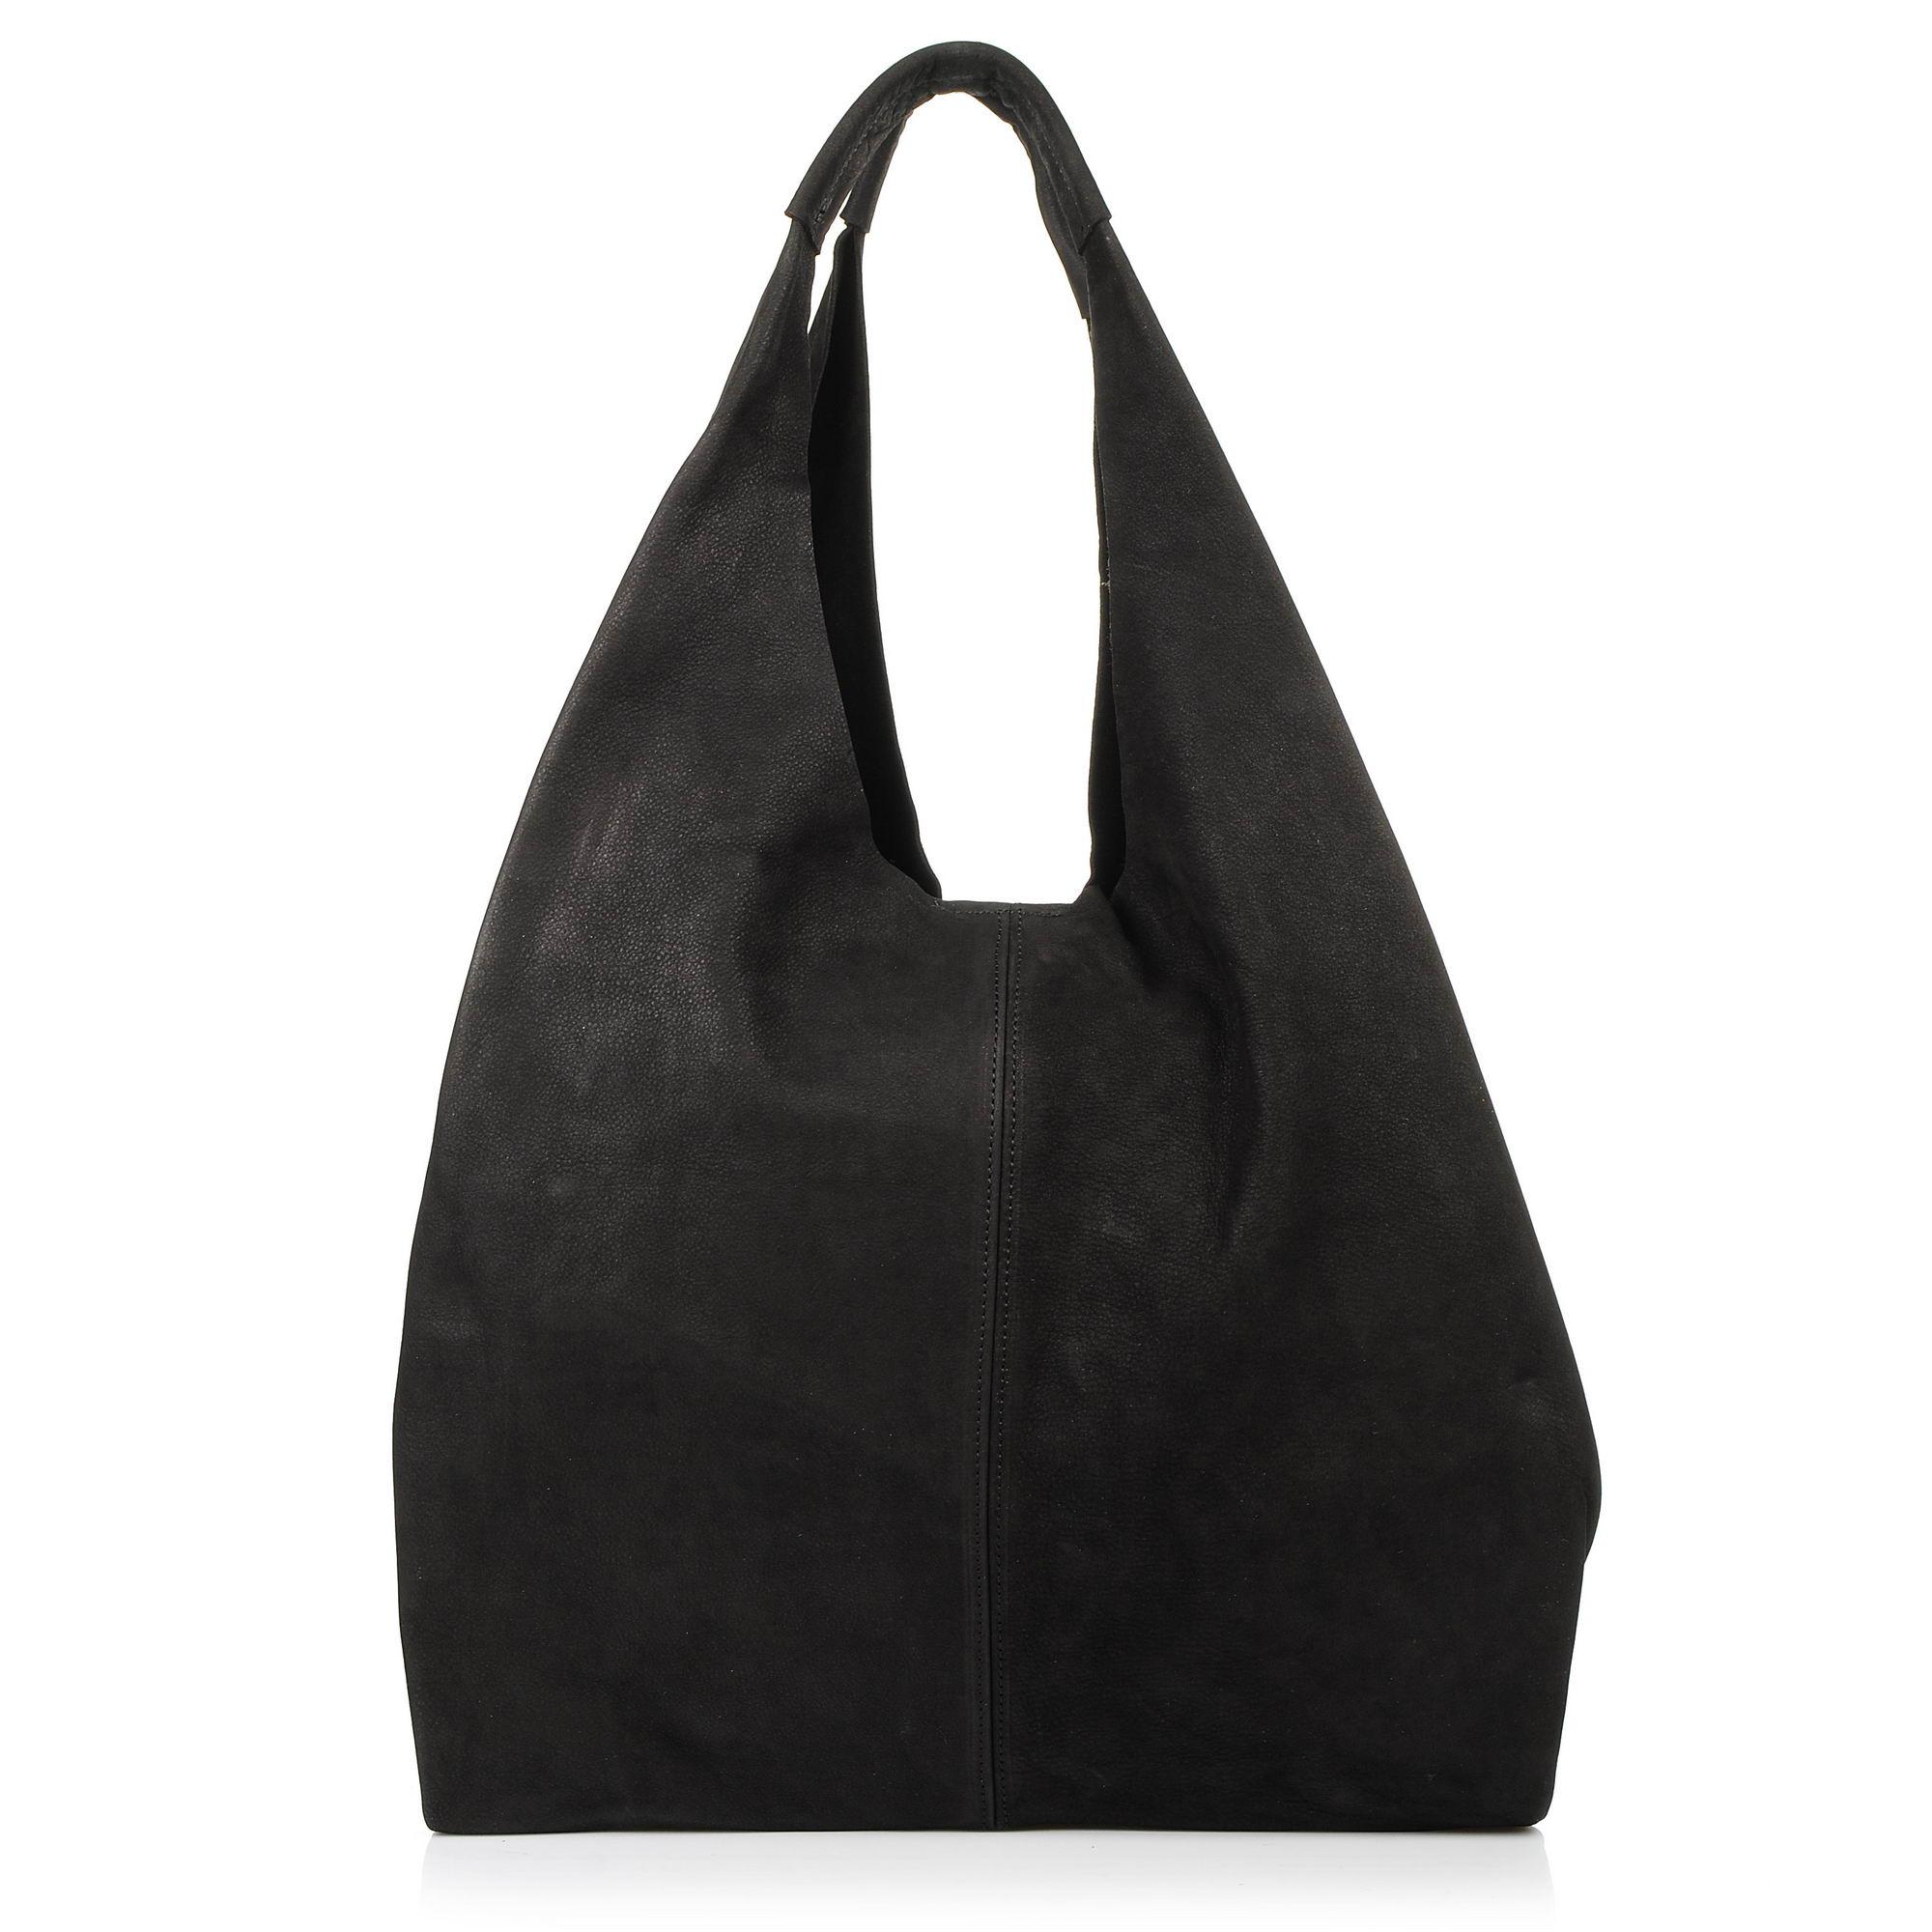 Δερμάτινη Τσάντα Ώμου Nardelli 3786